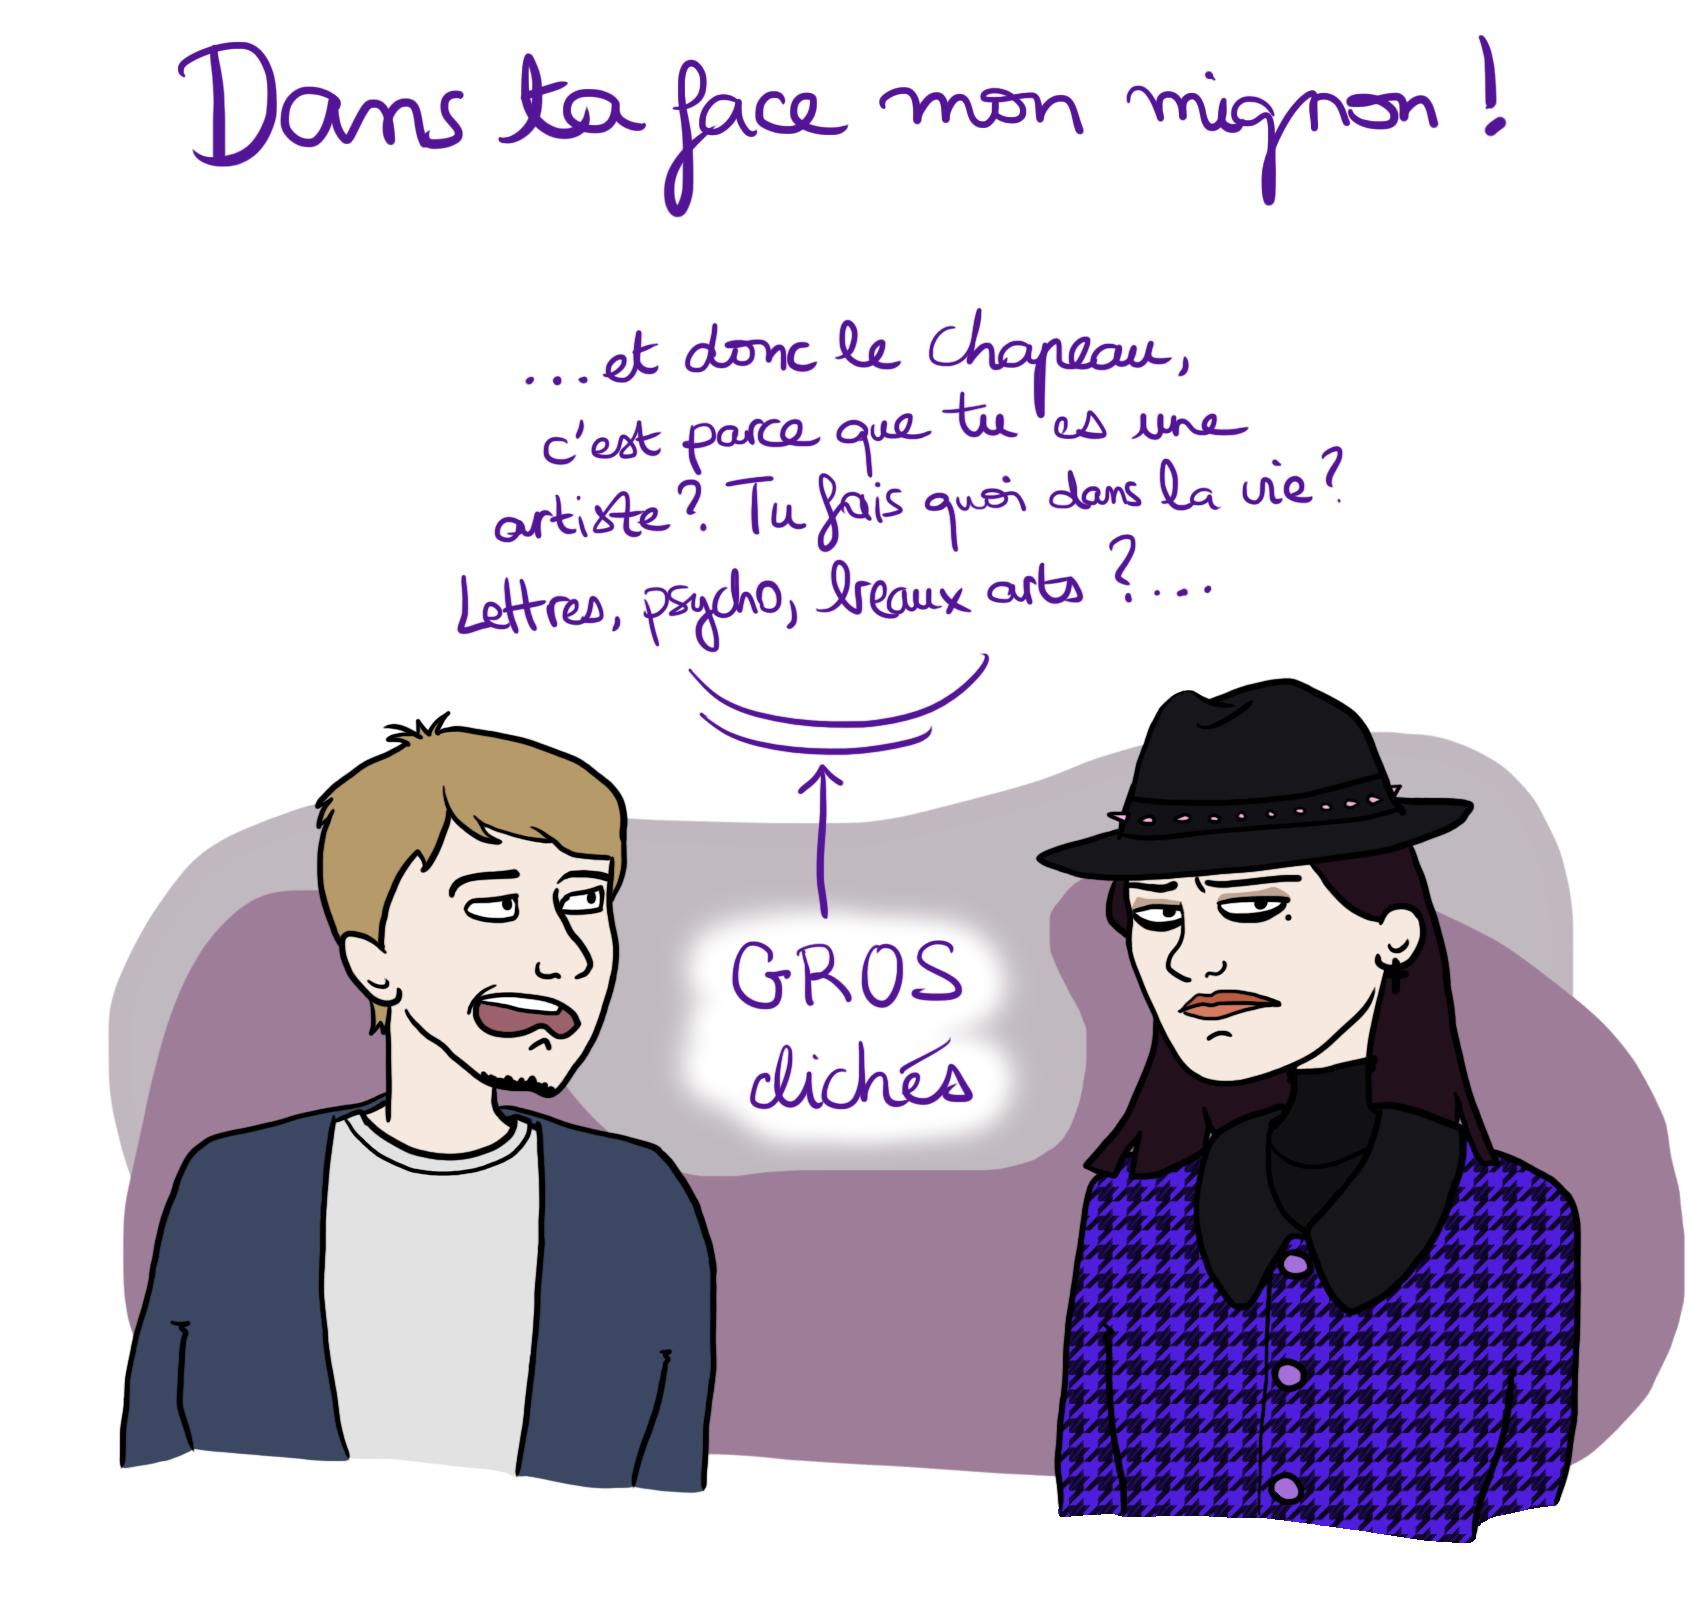 chapeauArtiste1